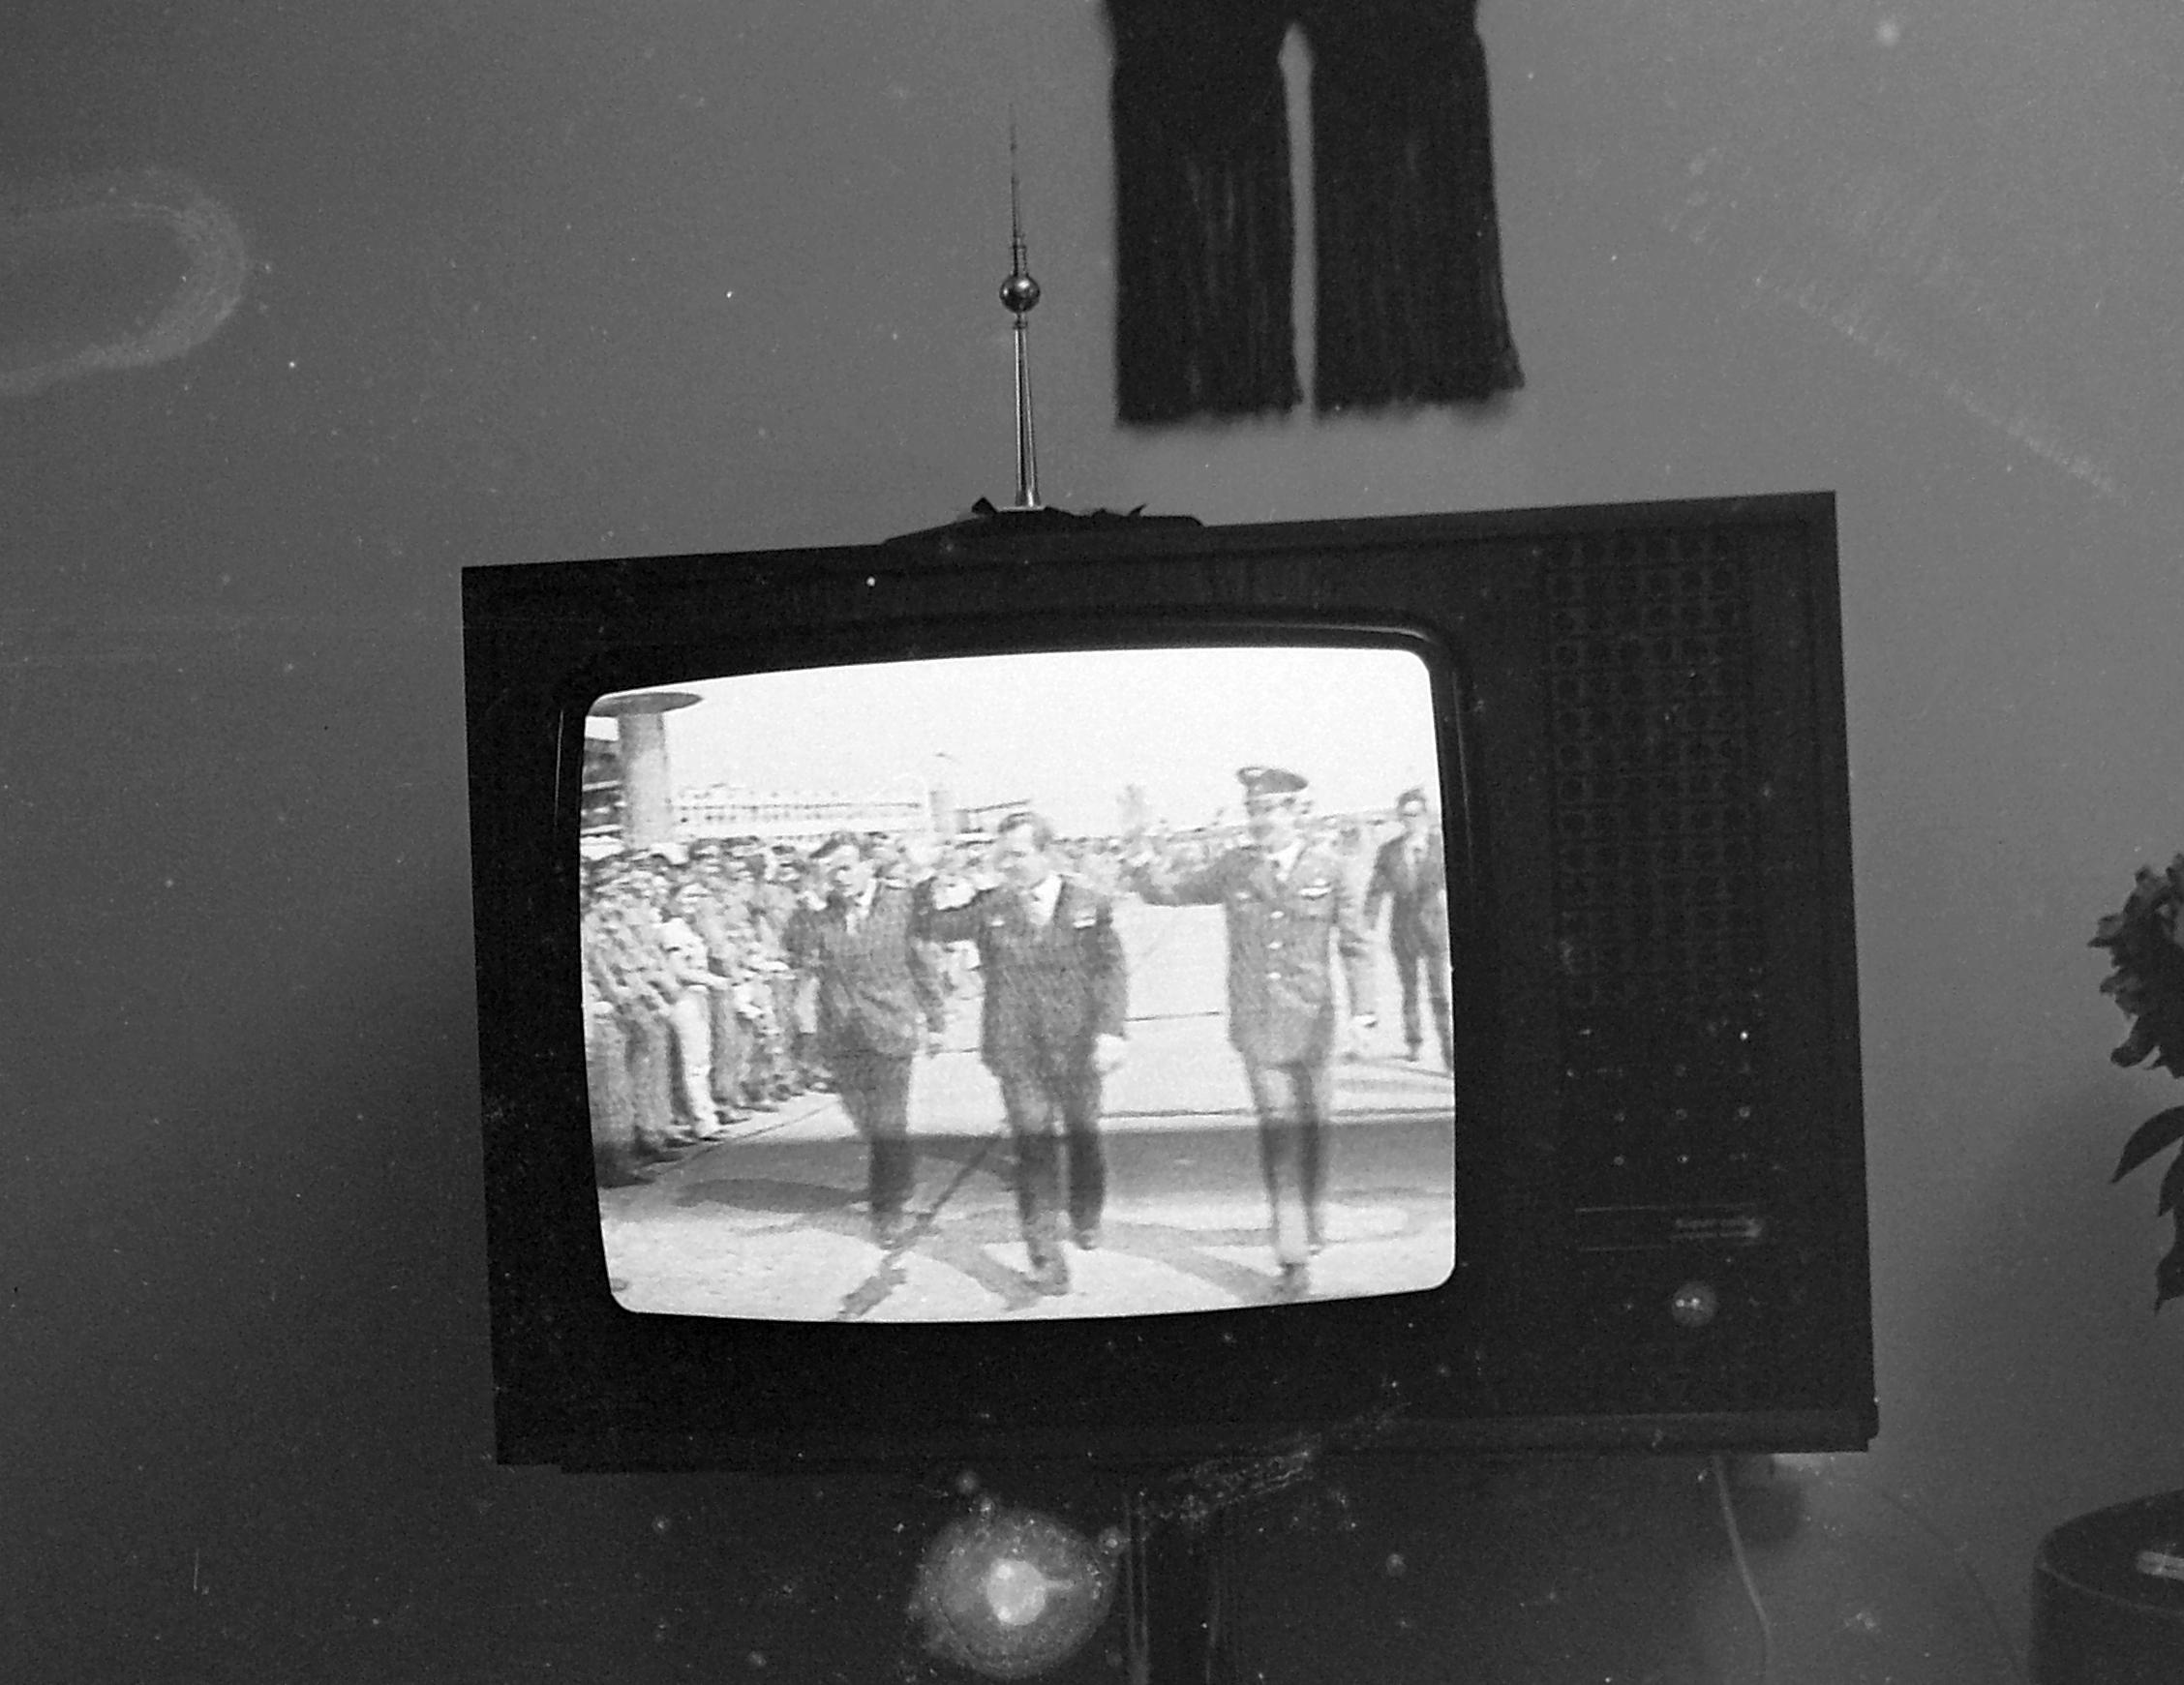 1980. Magyarország VIDEOTON Super Color televíziókészülék. A képernyőn Magyari Béla, Valerij Kubaszov és Farkas Bertalan űrhajósok láthatók. / Fotó: Fortepan.hu